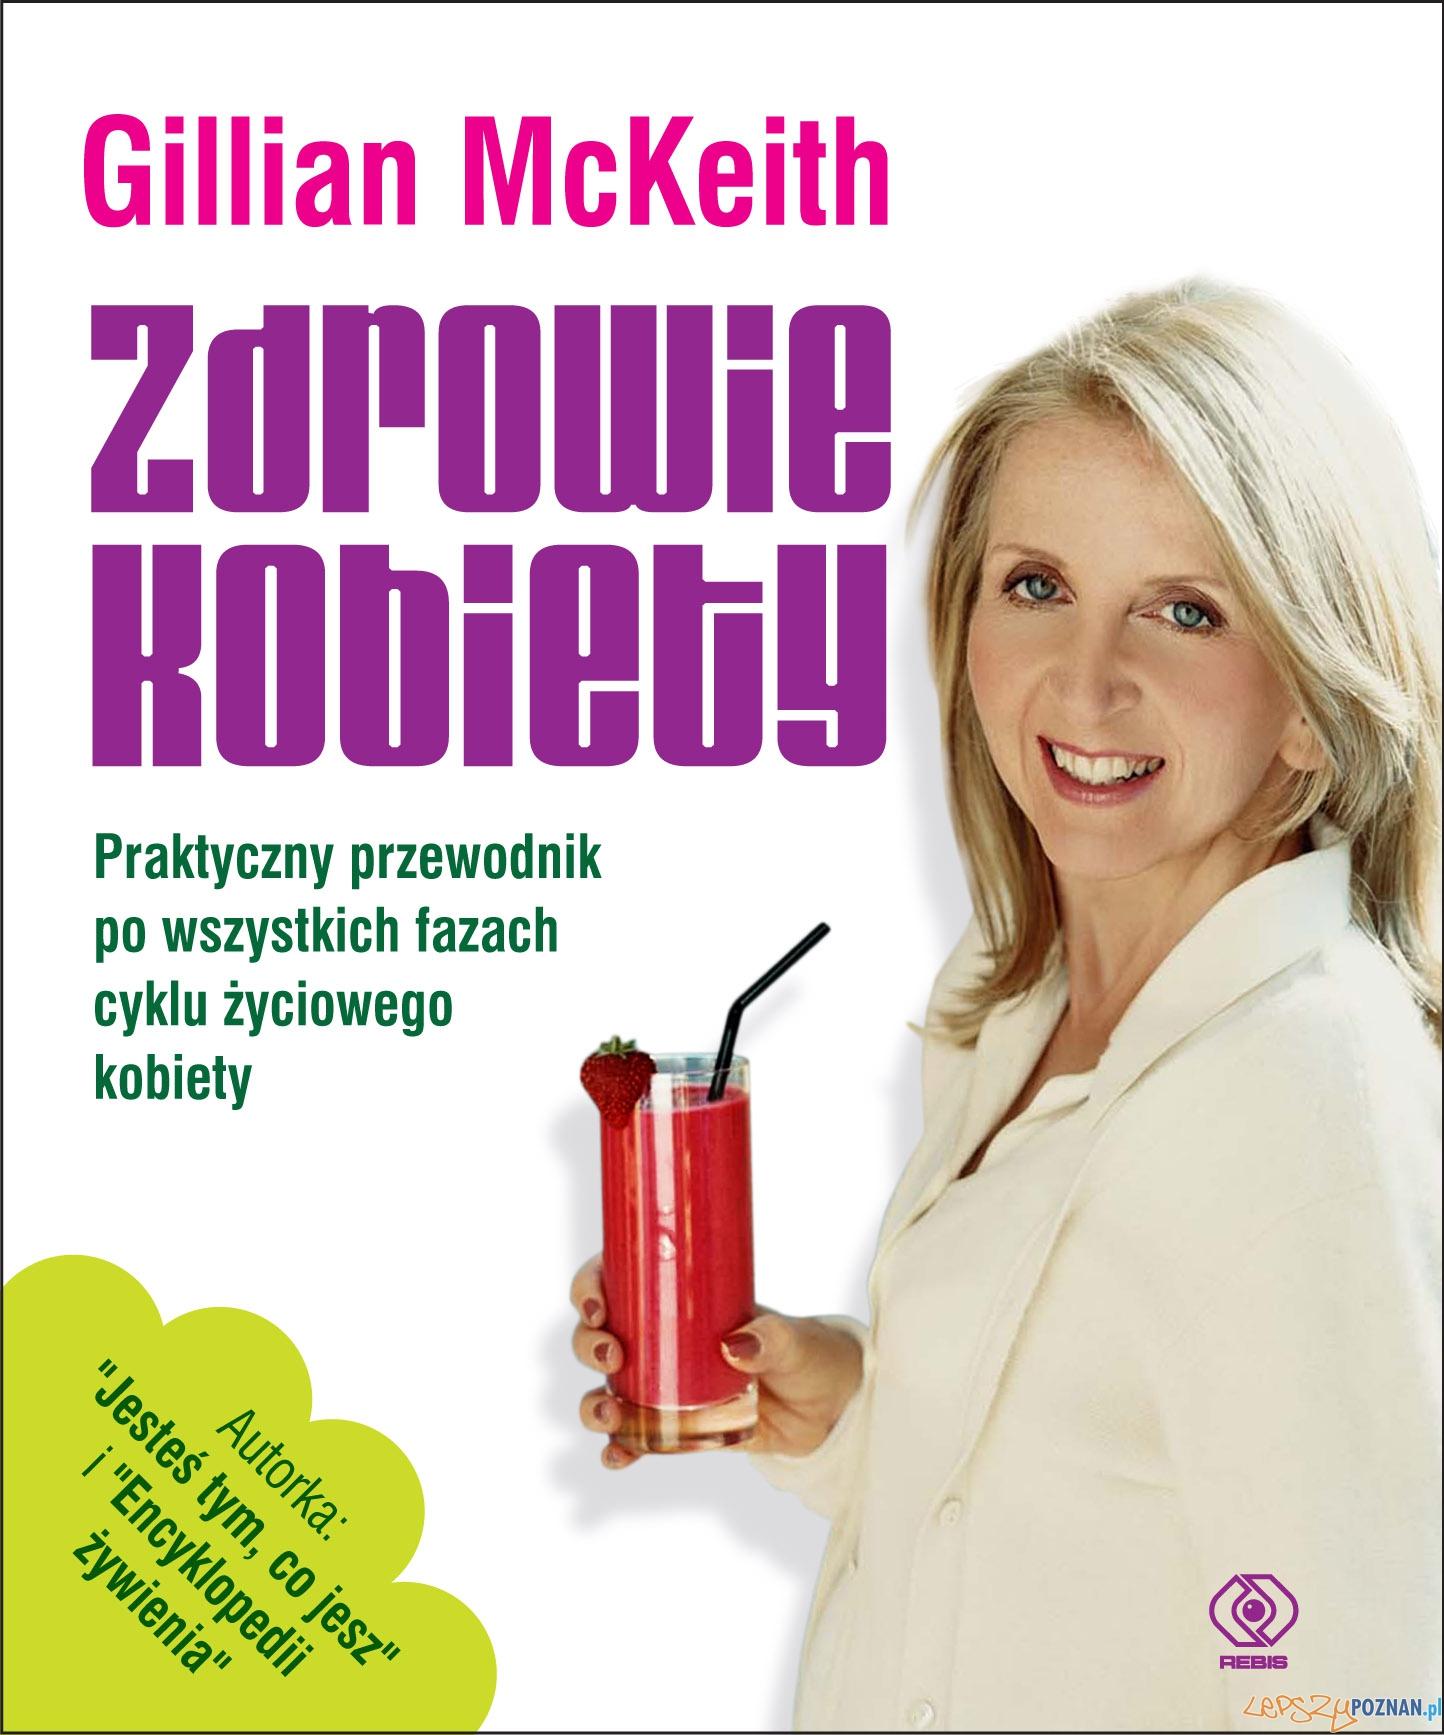 Zdrowie-Kobiety-Gillian-Mckeith  Foto: